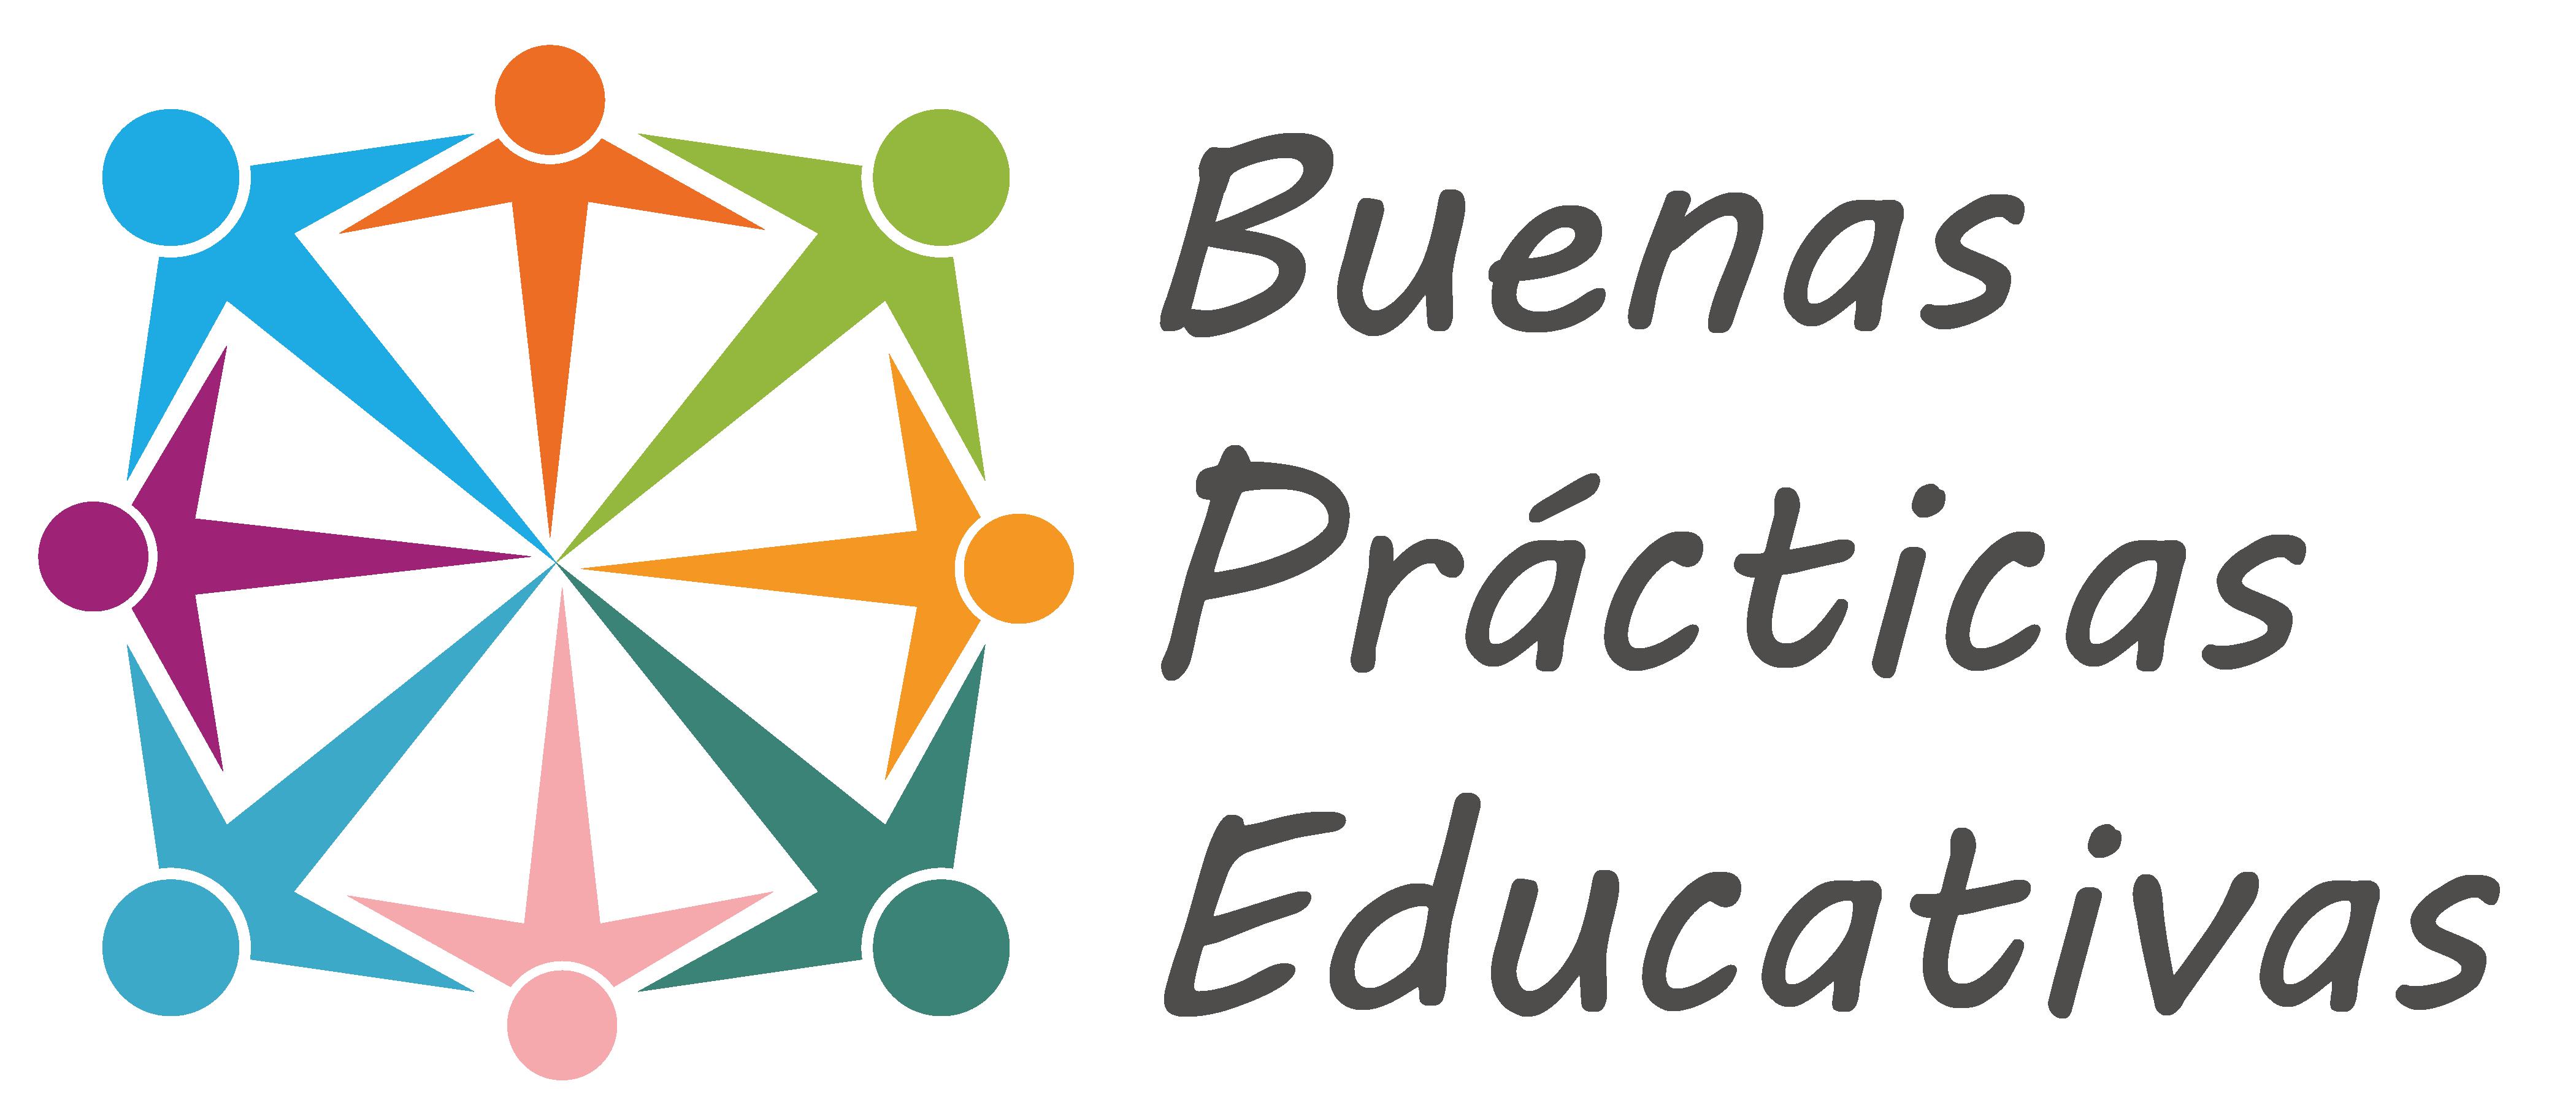 2.2. Buenas prácticas - Logo